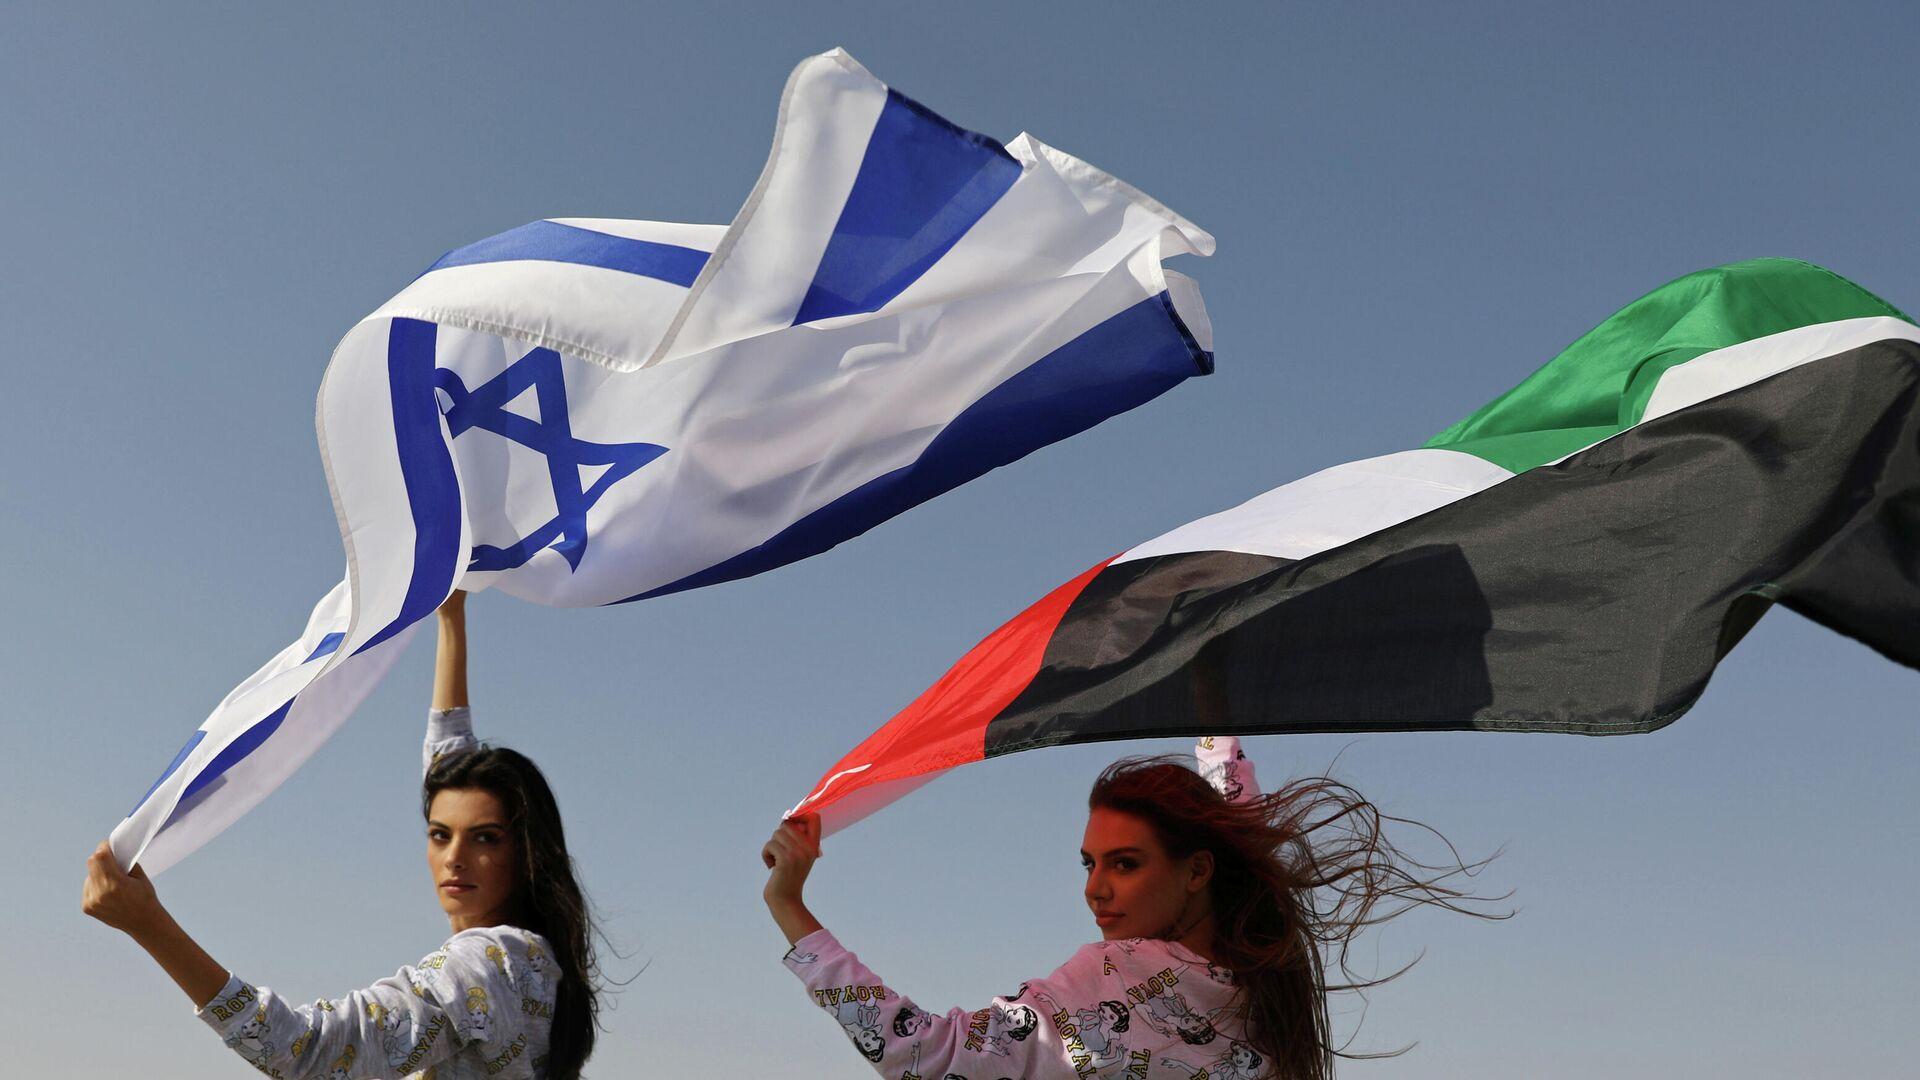 Израильская модель Мэй Тагер с израильским флагом и модель Анастасия с флагом ОАЭ - РИА Новости, 1920, 15.09.2020